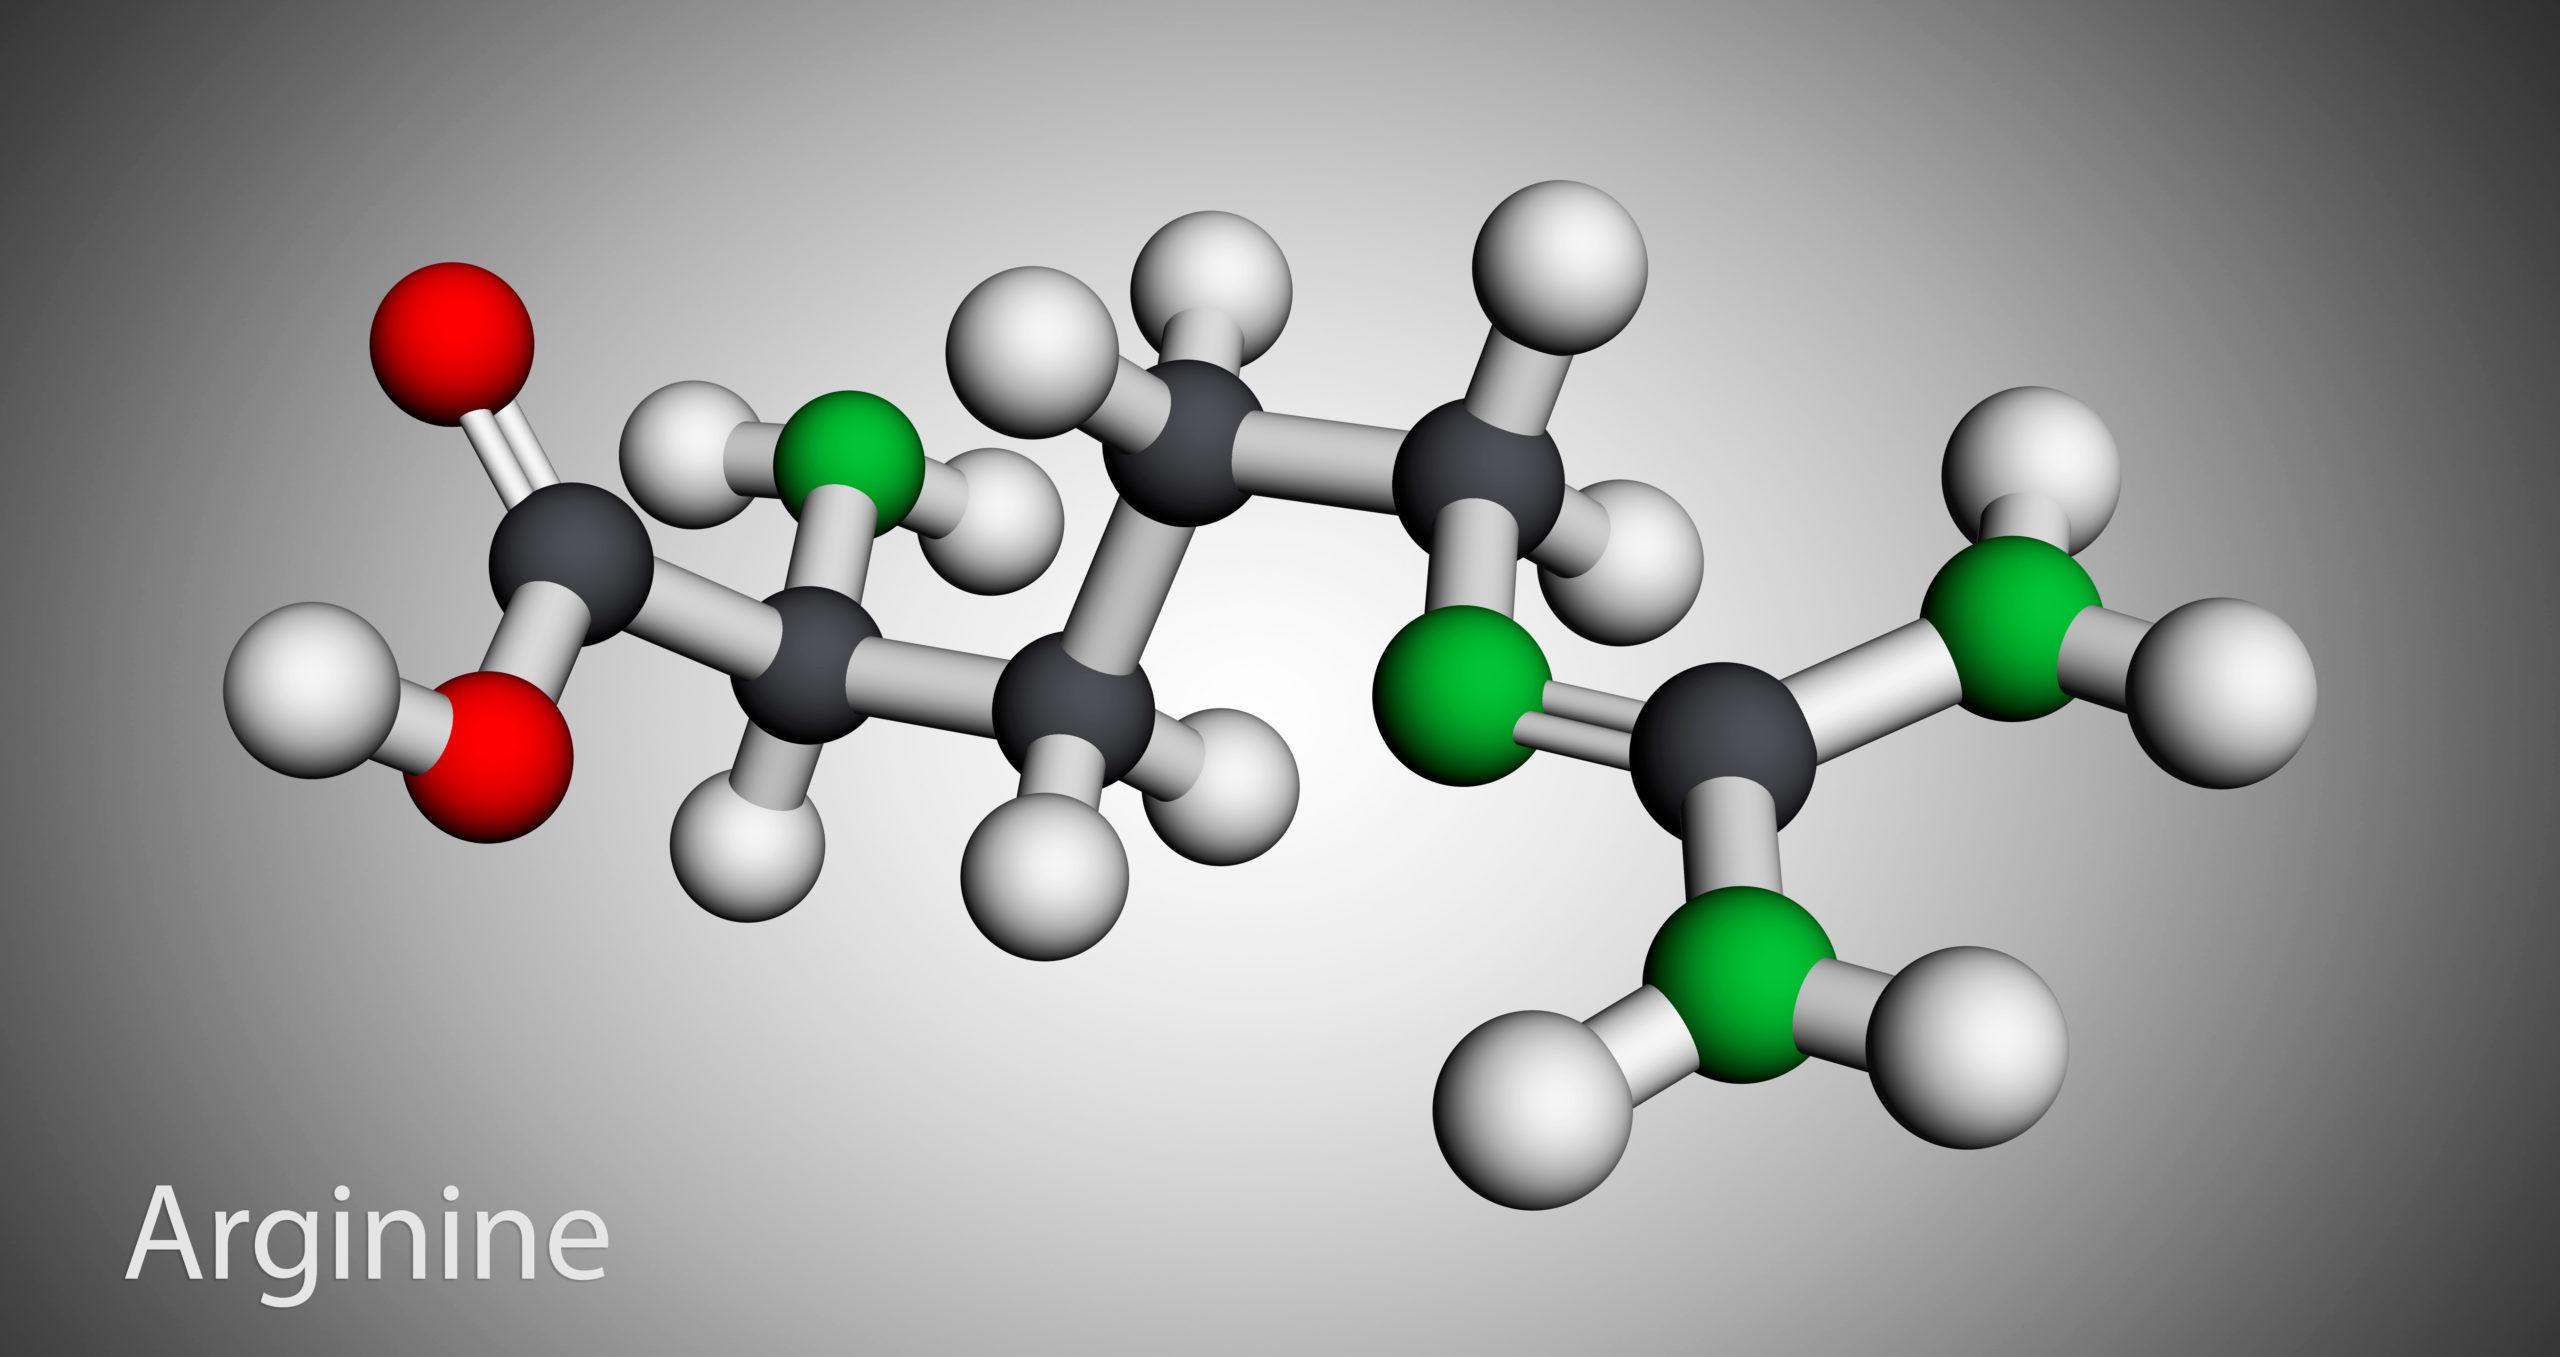 Arginine,,L-arginine,,Arg,,R,Essential,Amino,Acid,Molecule,,It,Is